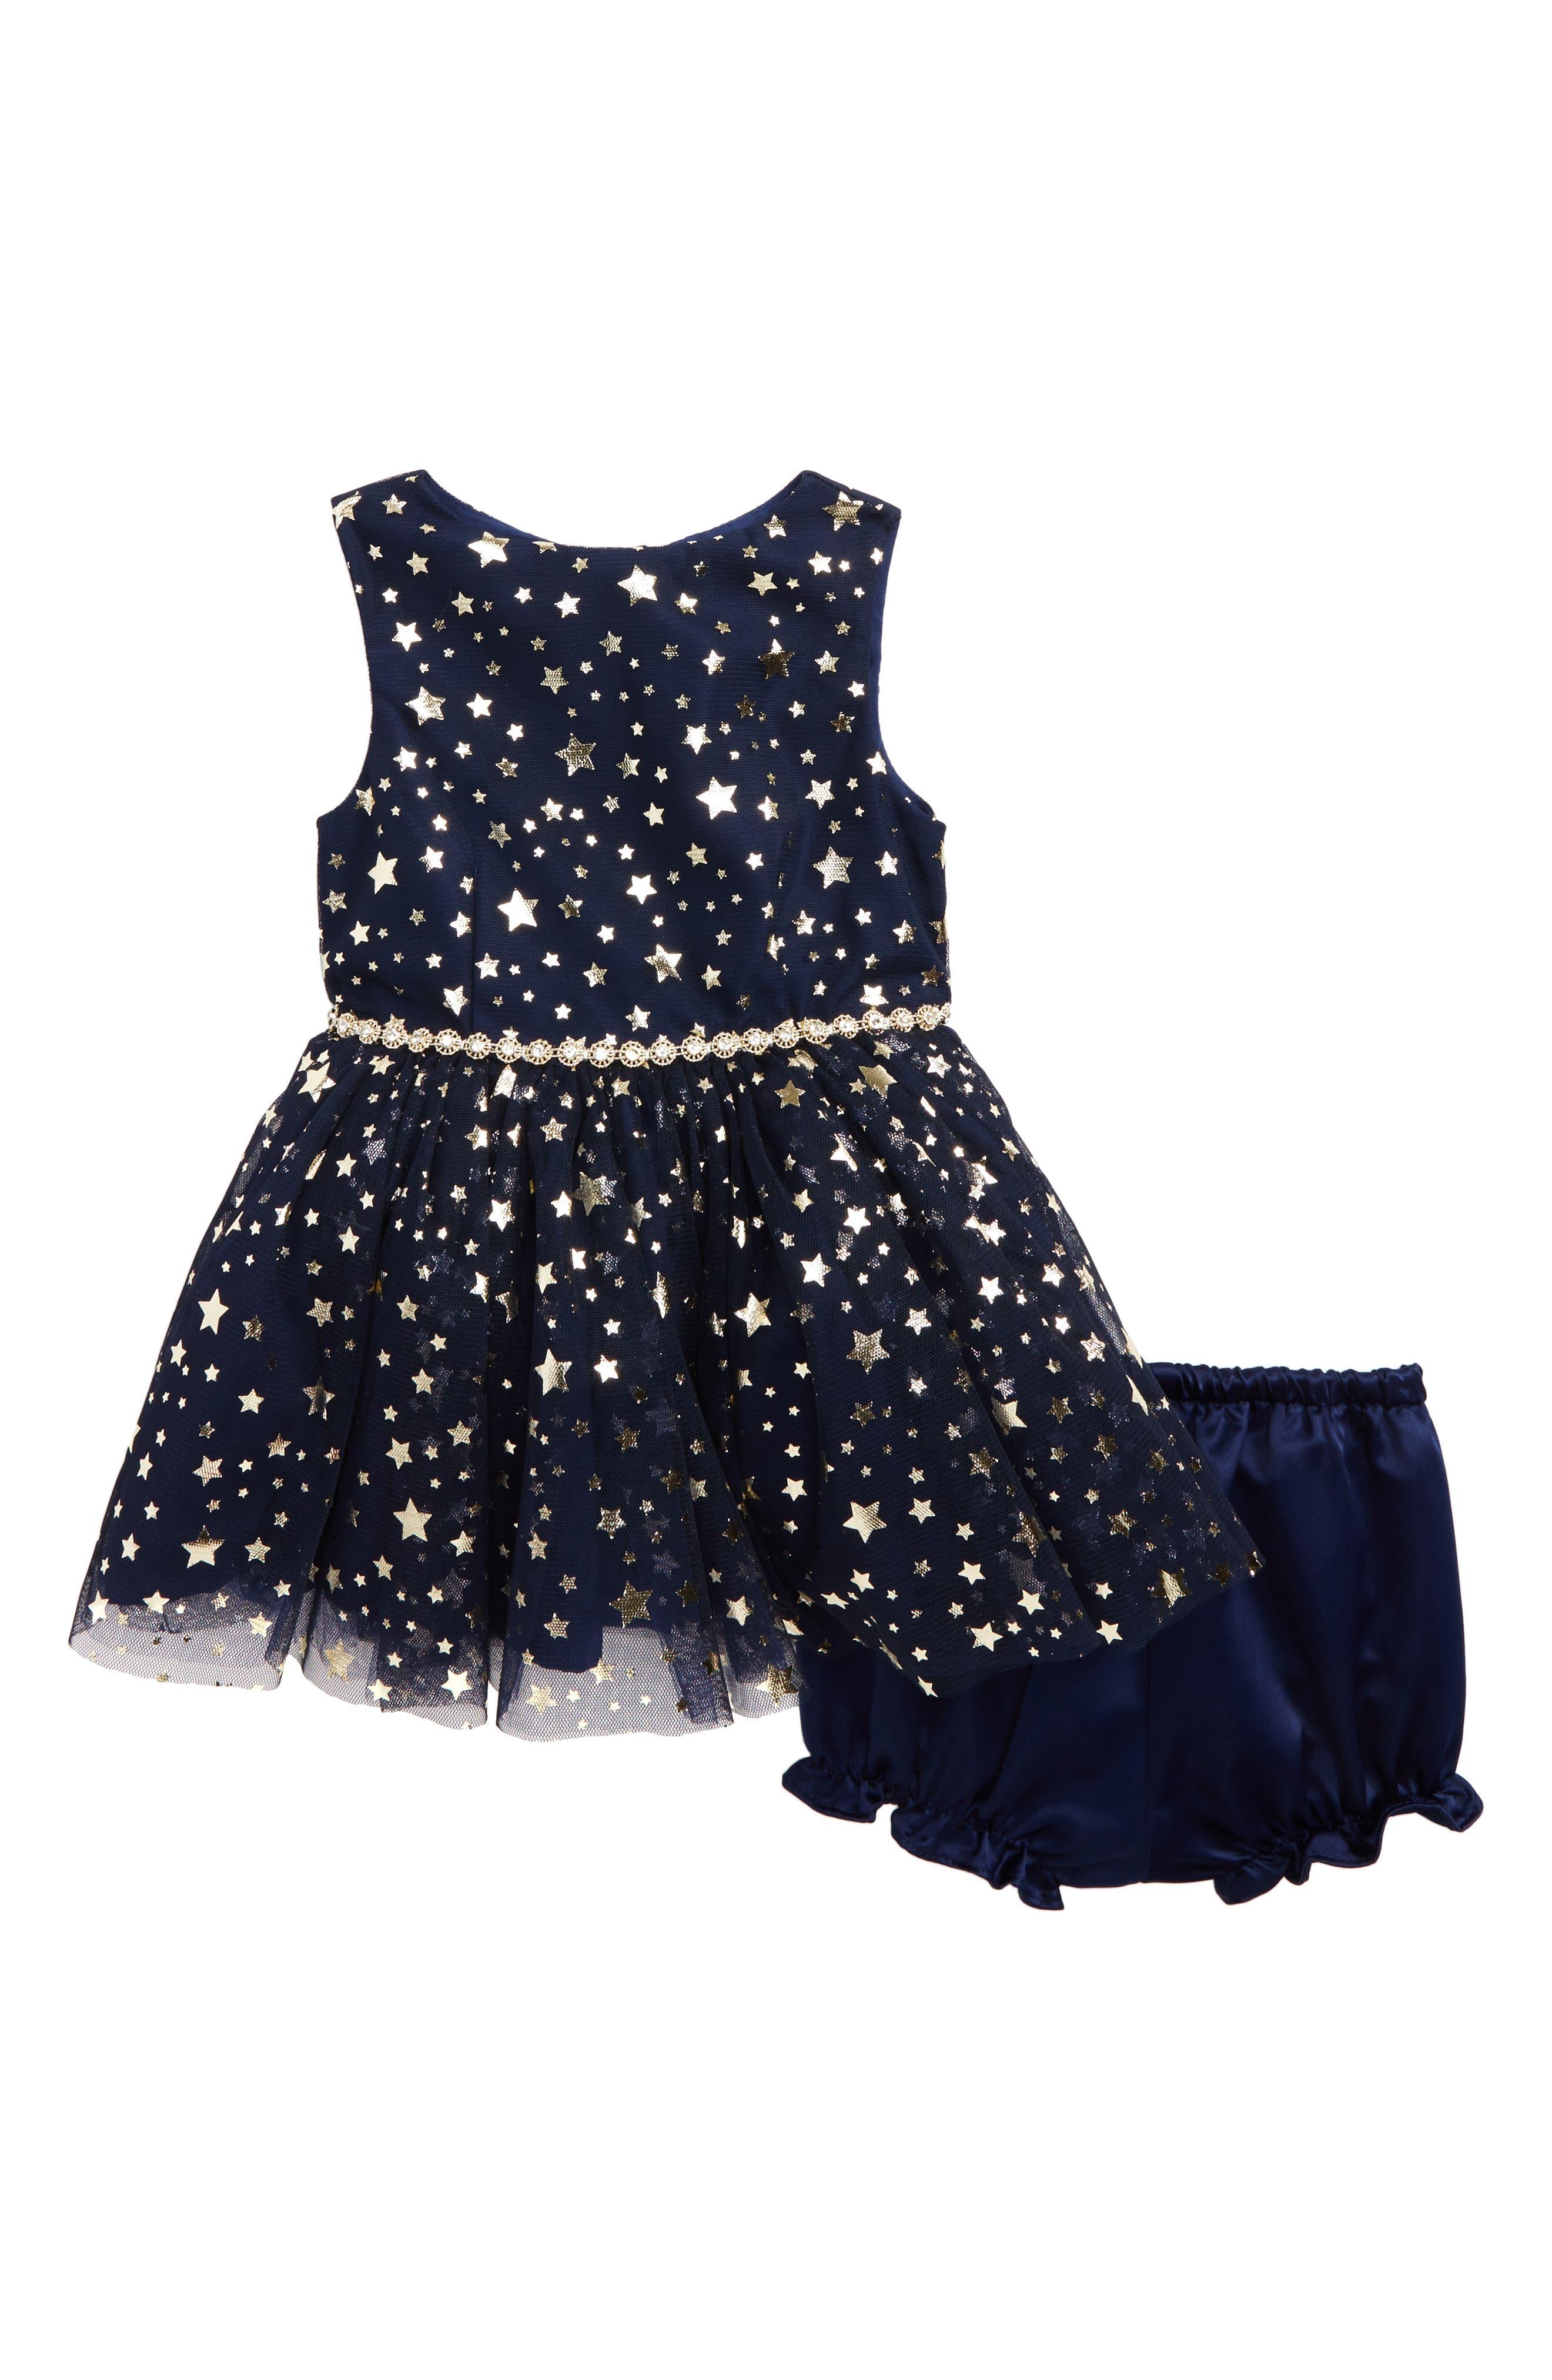 Main Image - Pippa & Julie Metallic Star Tulle Dress (Baby Girls)